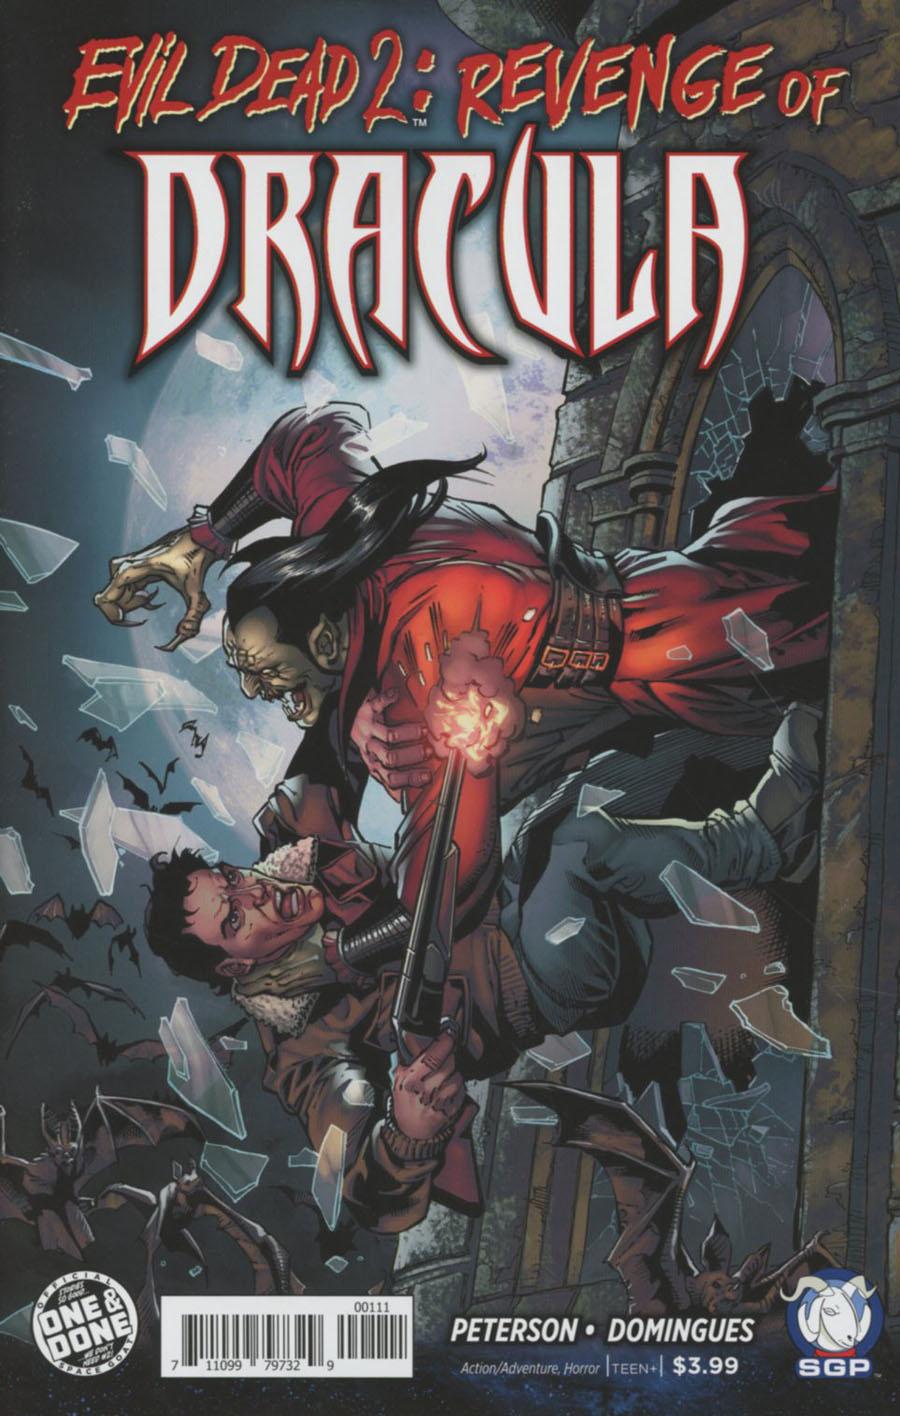 Evil Dead 2 Revenge Of Dracula One Shot Cover A Yvel Guichet & Joe Rubinstein